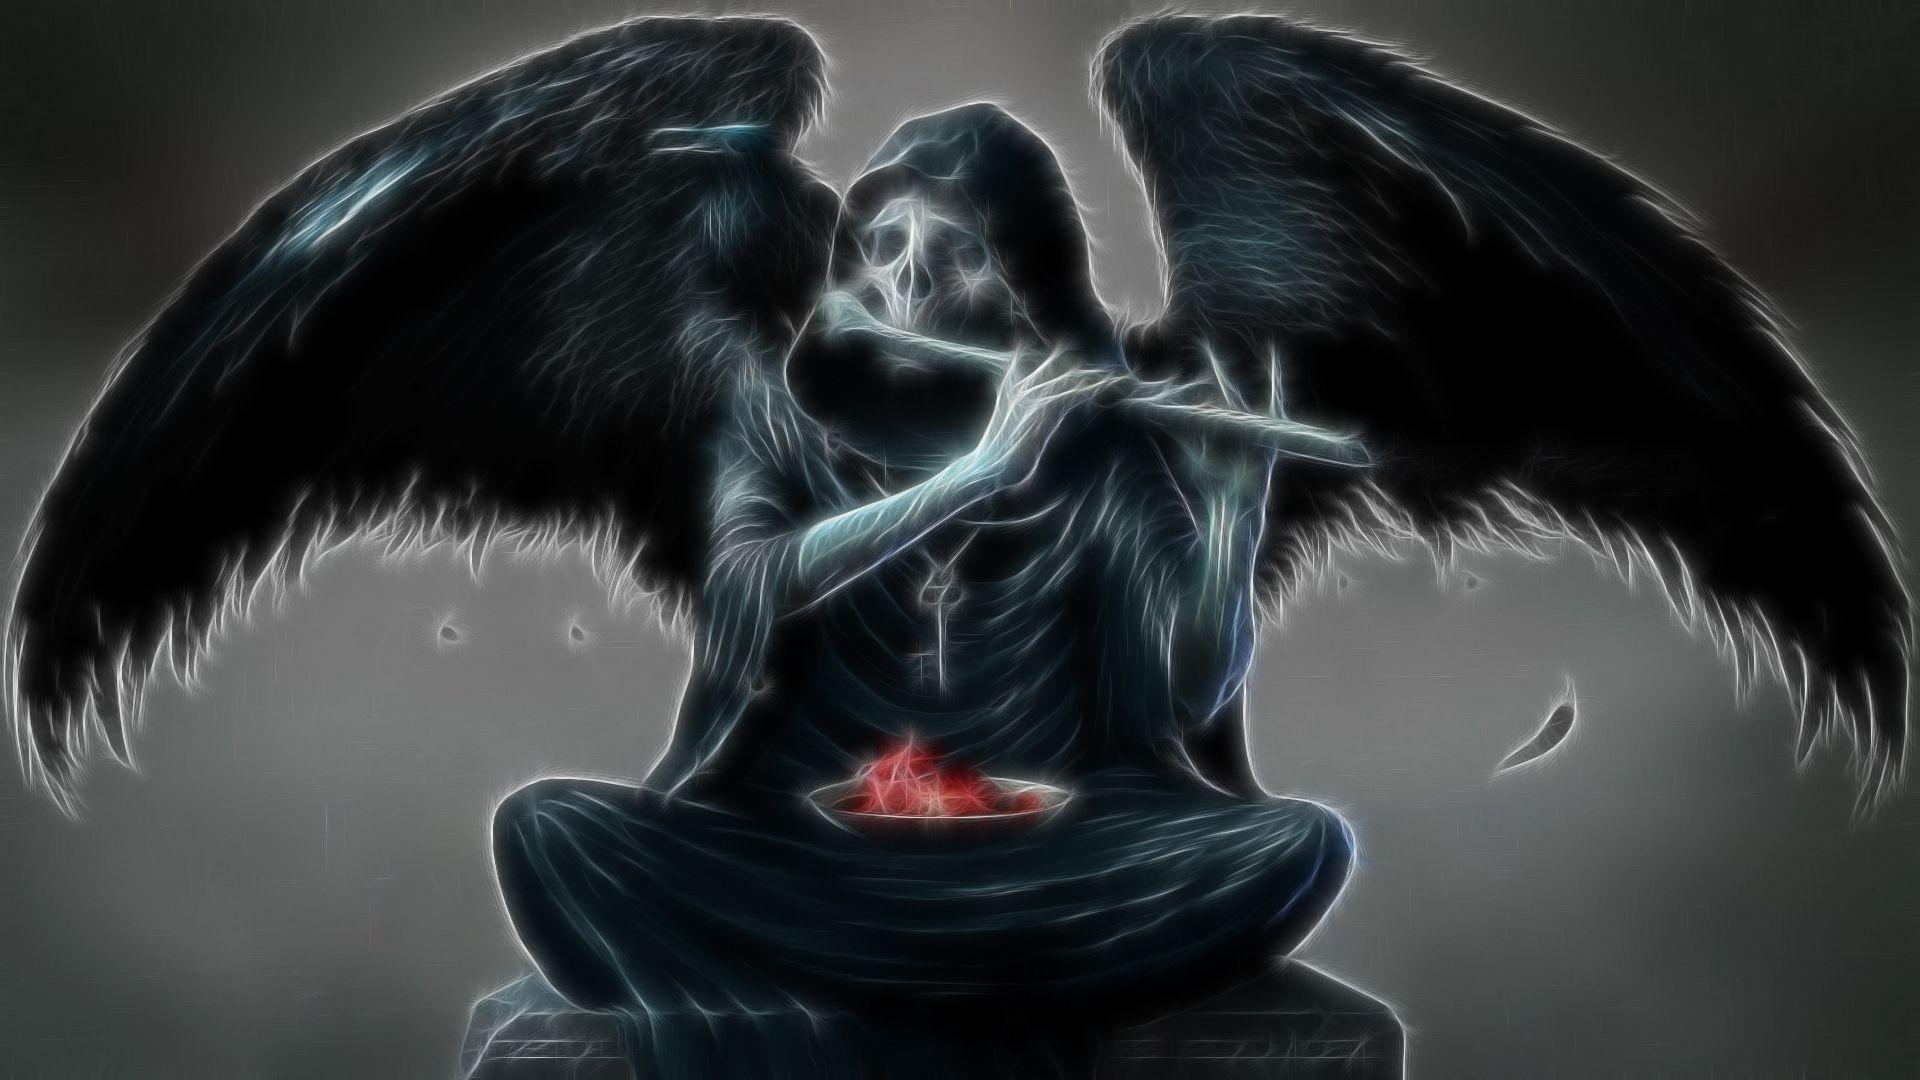 死神天使桌面都是大图,直接右键另存为。